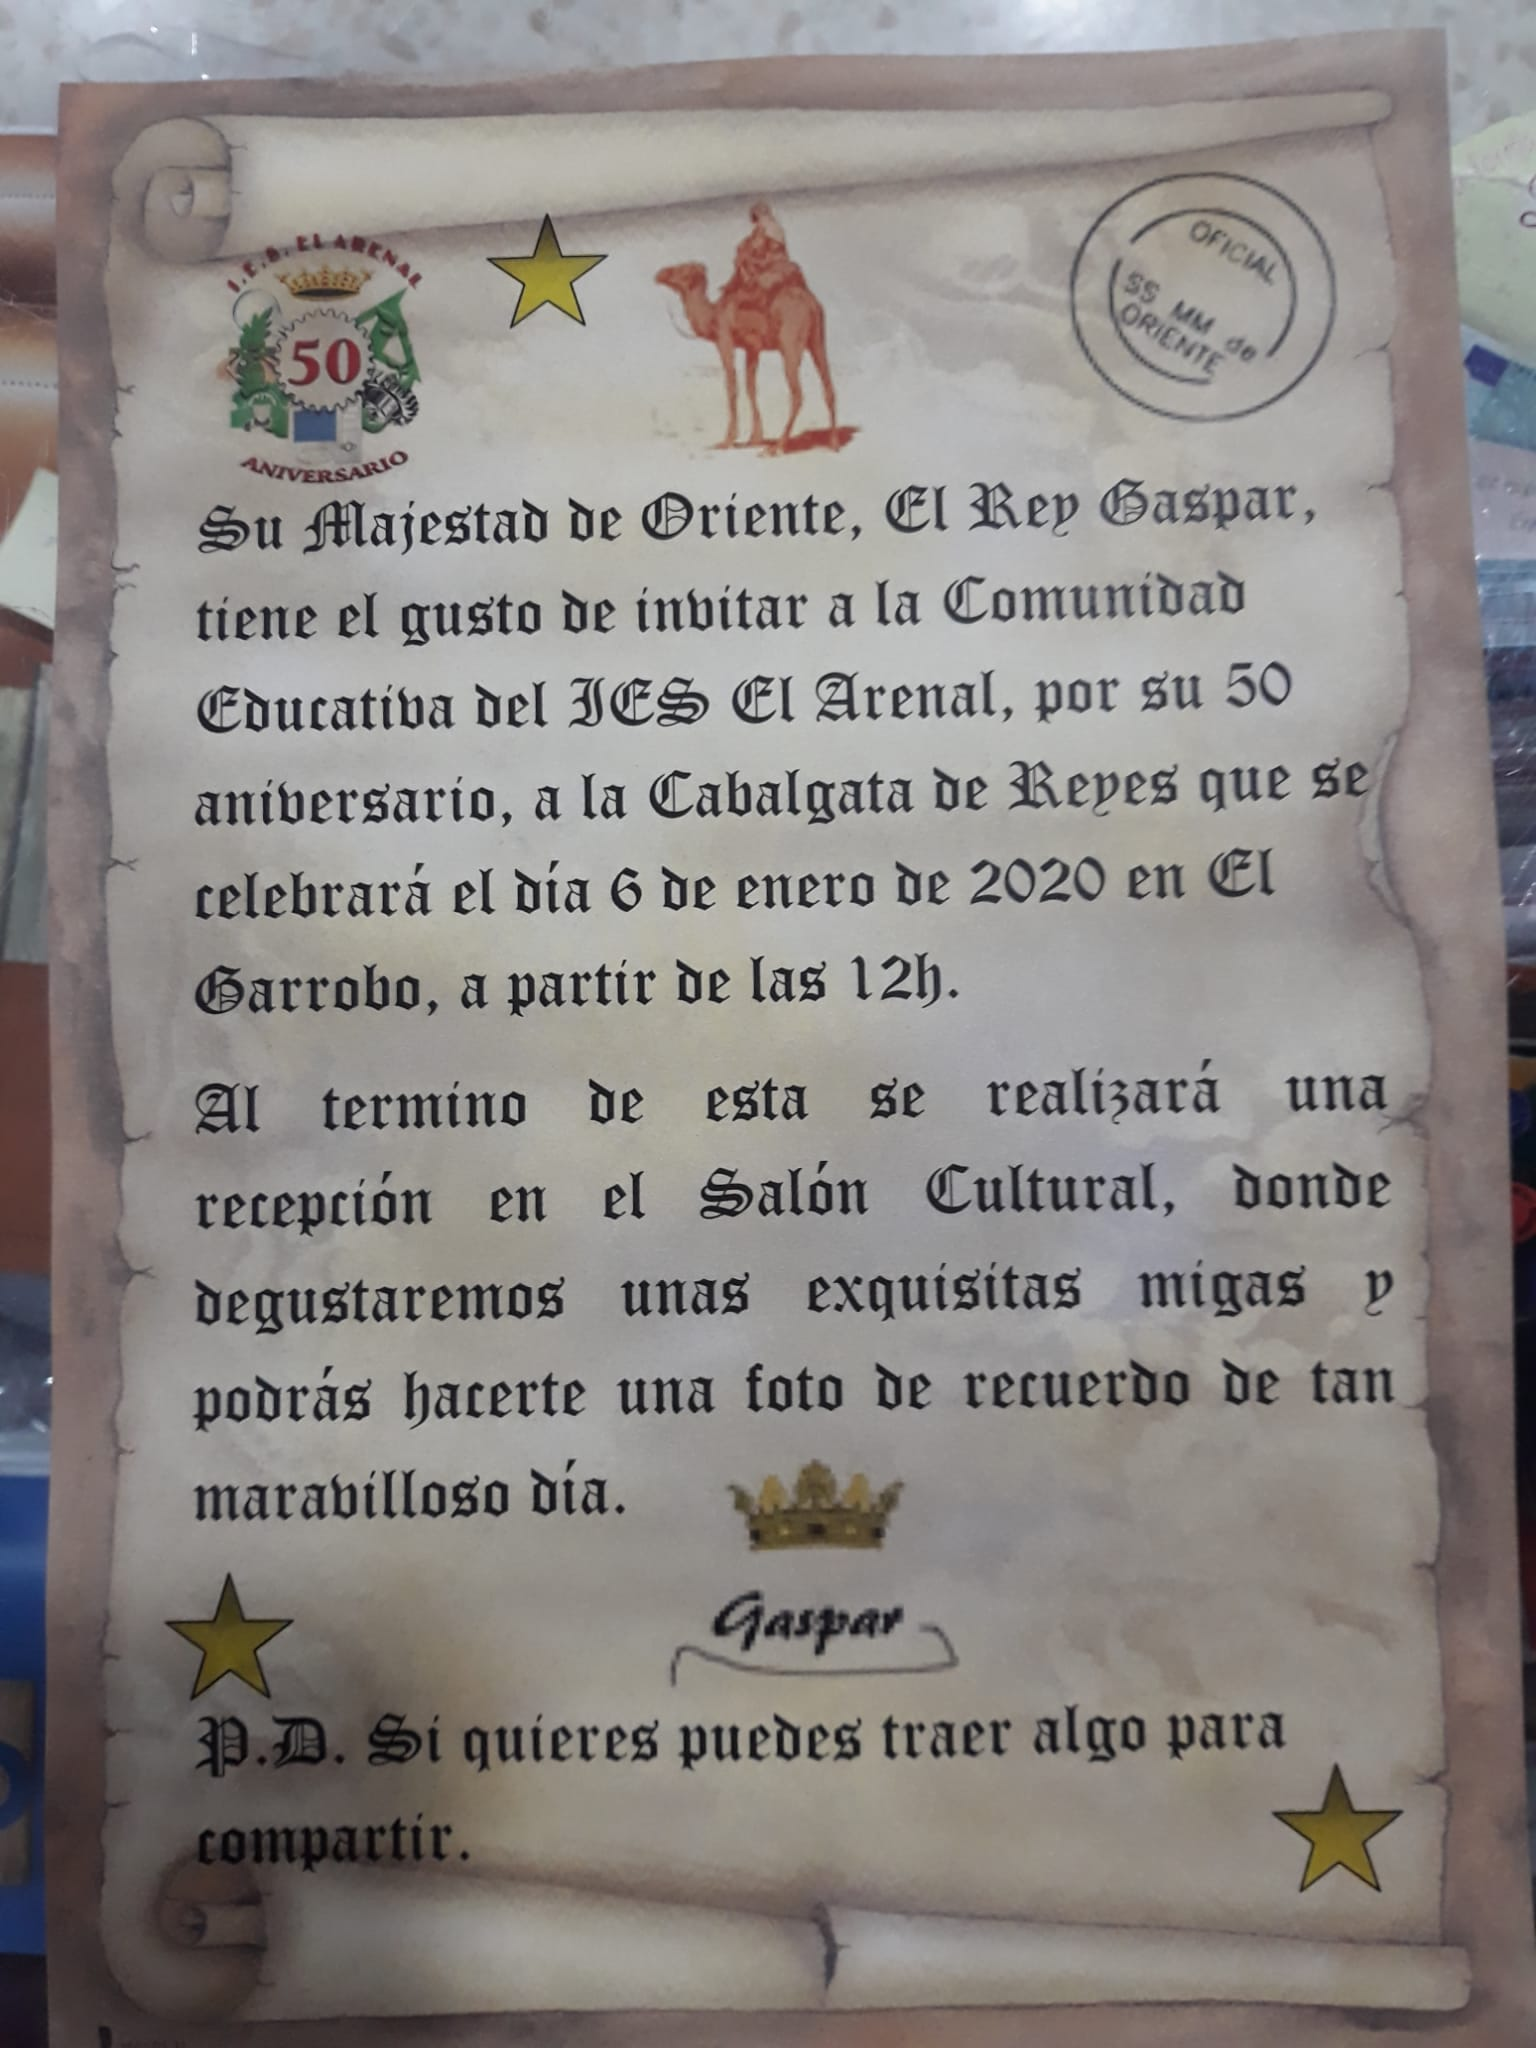 Invitación de su Majestad el Rey Gaspar a la cabalgata de El Garrobo.